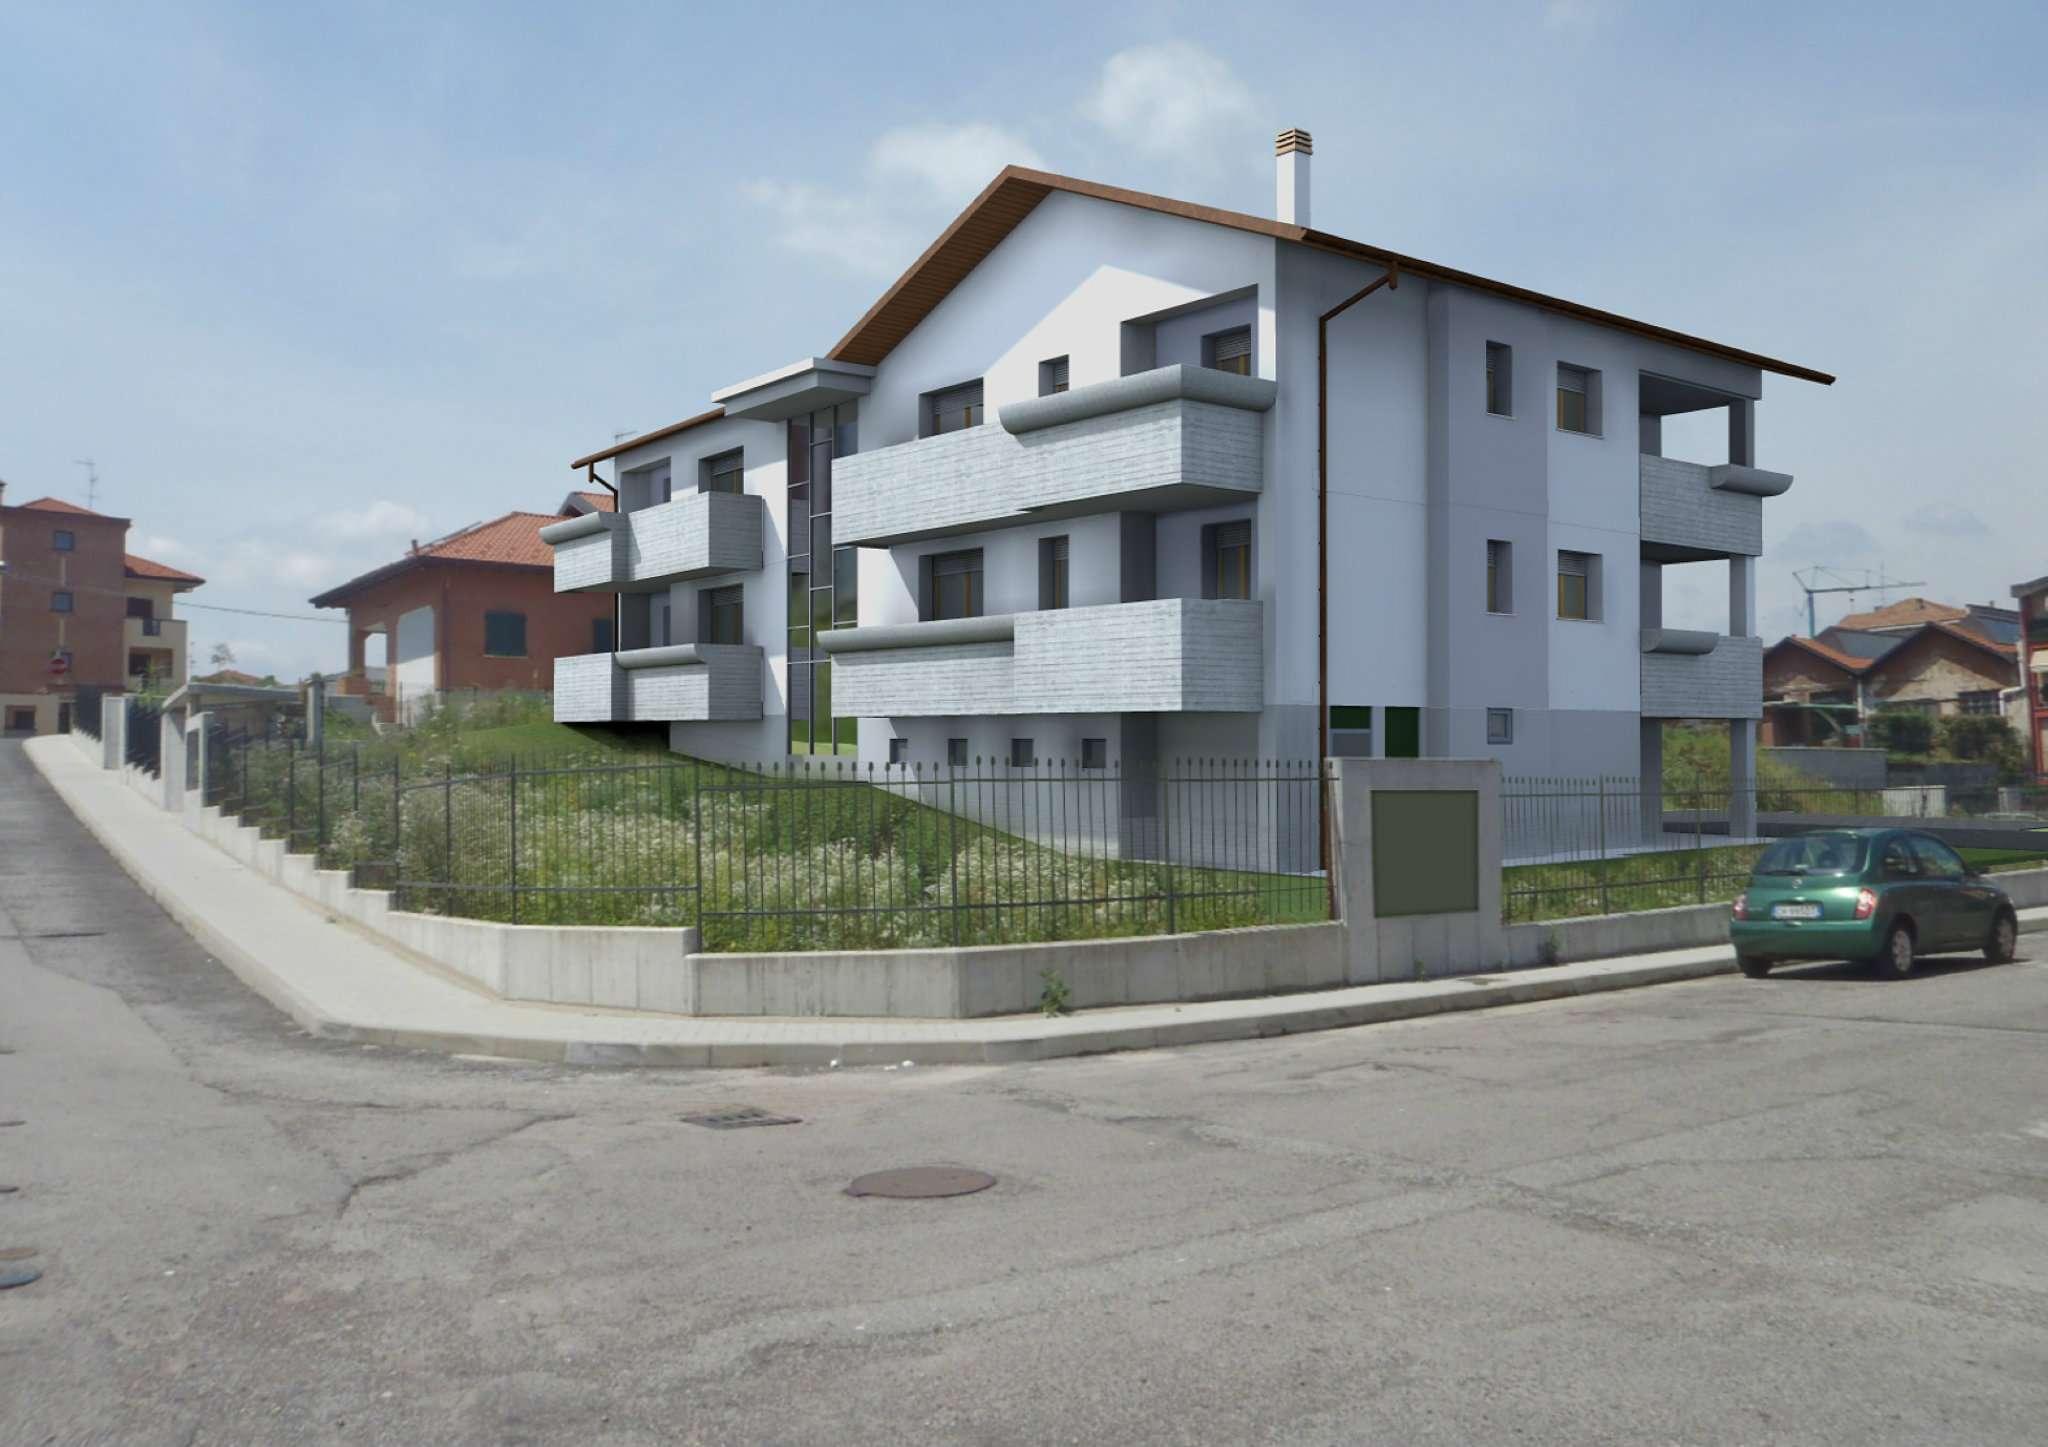 Appartamento in vendita a Olgiate Olona, 3 locali, prezzo € 215.000 | CambioCasa.it